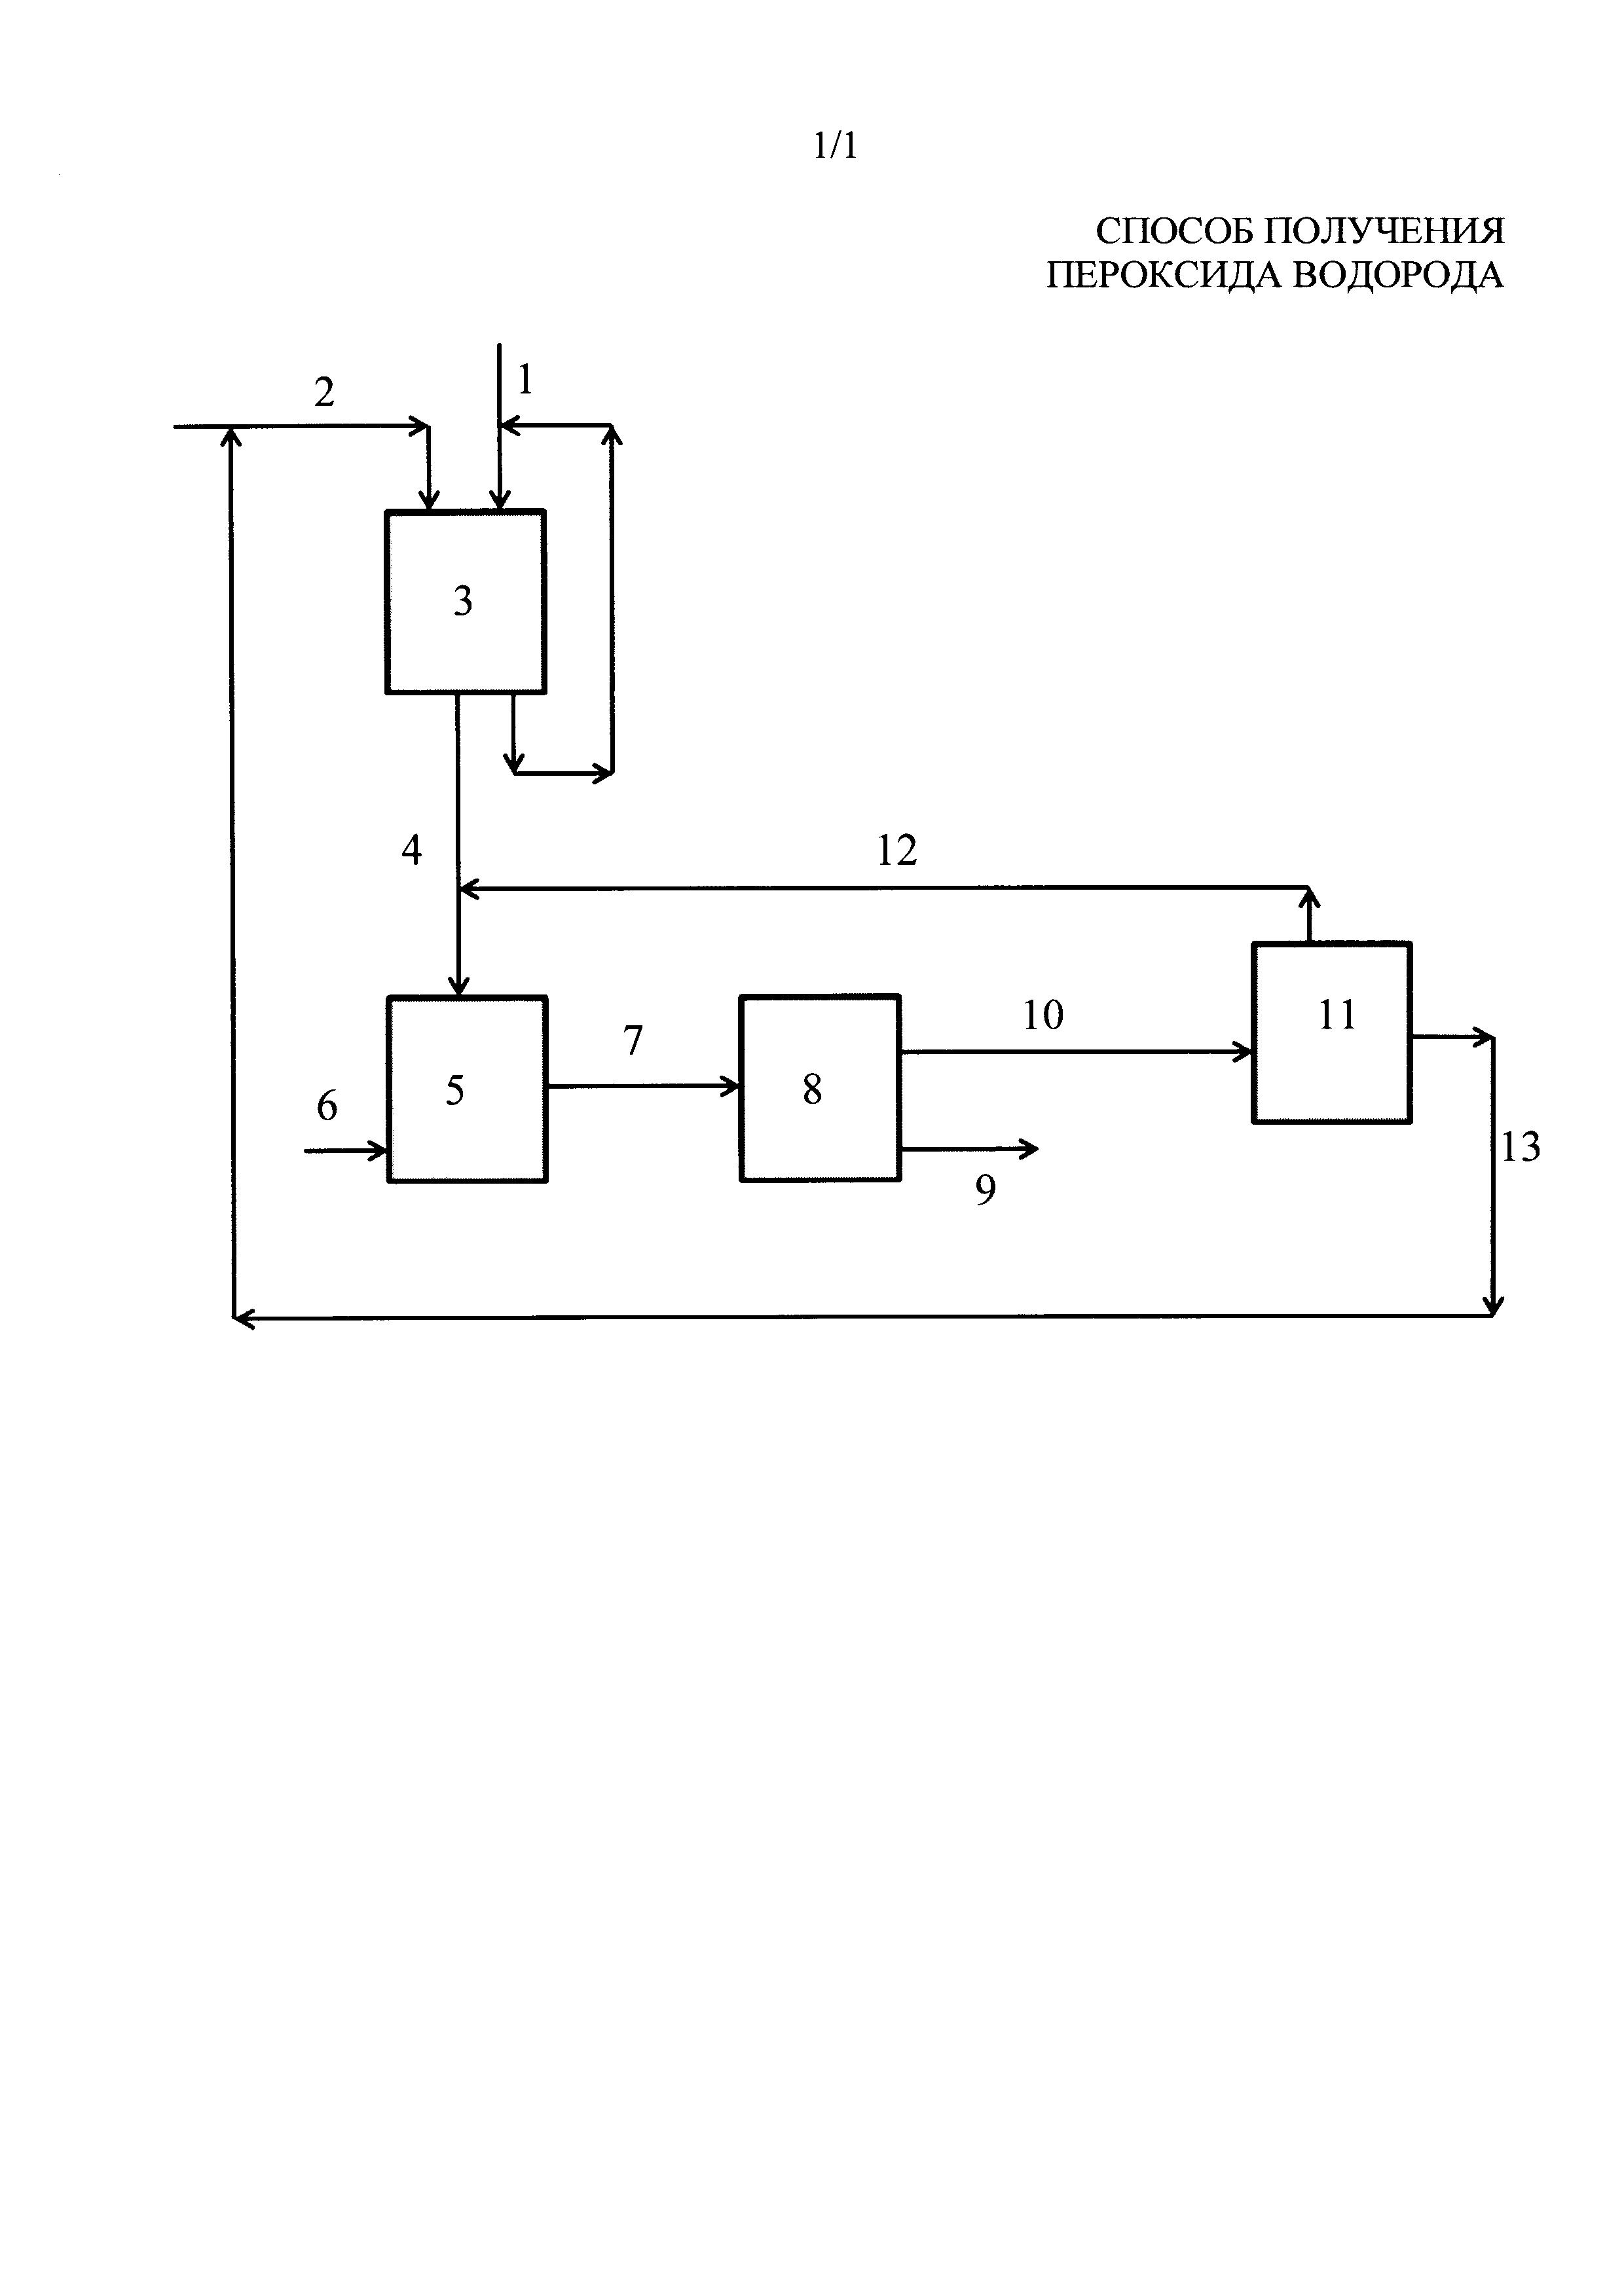 Способ получения пероксида водорода